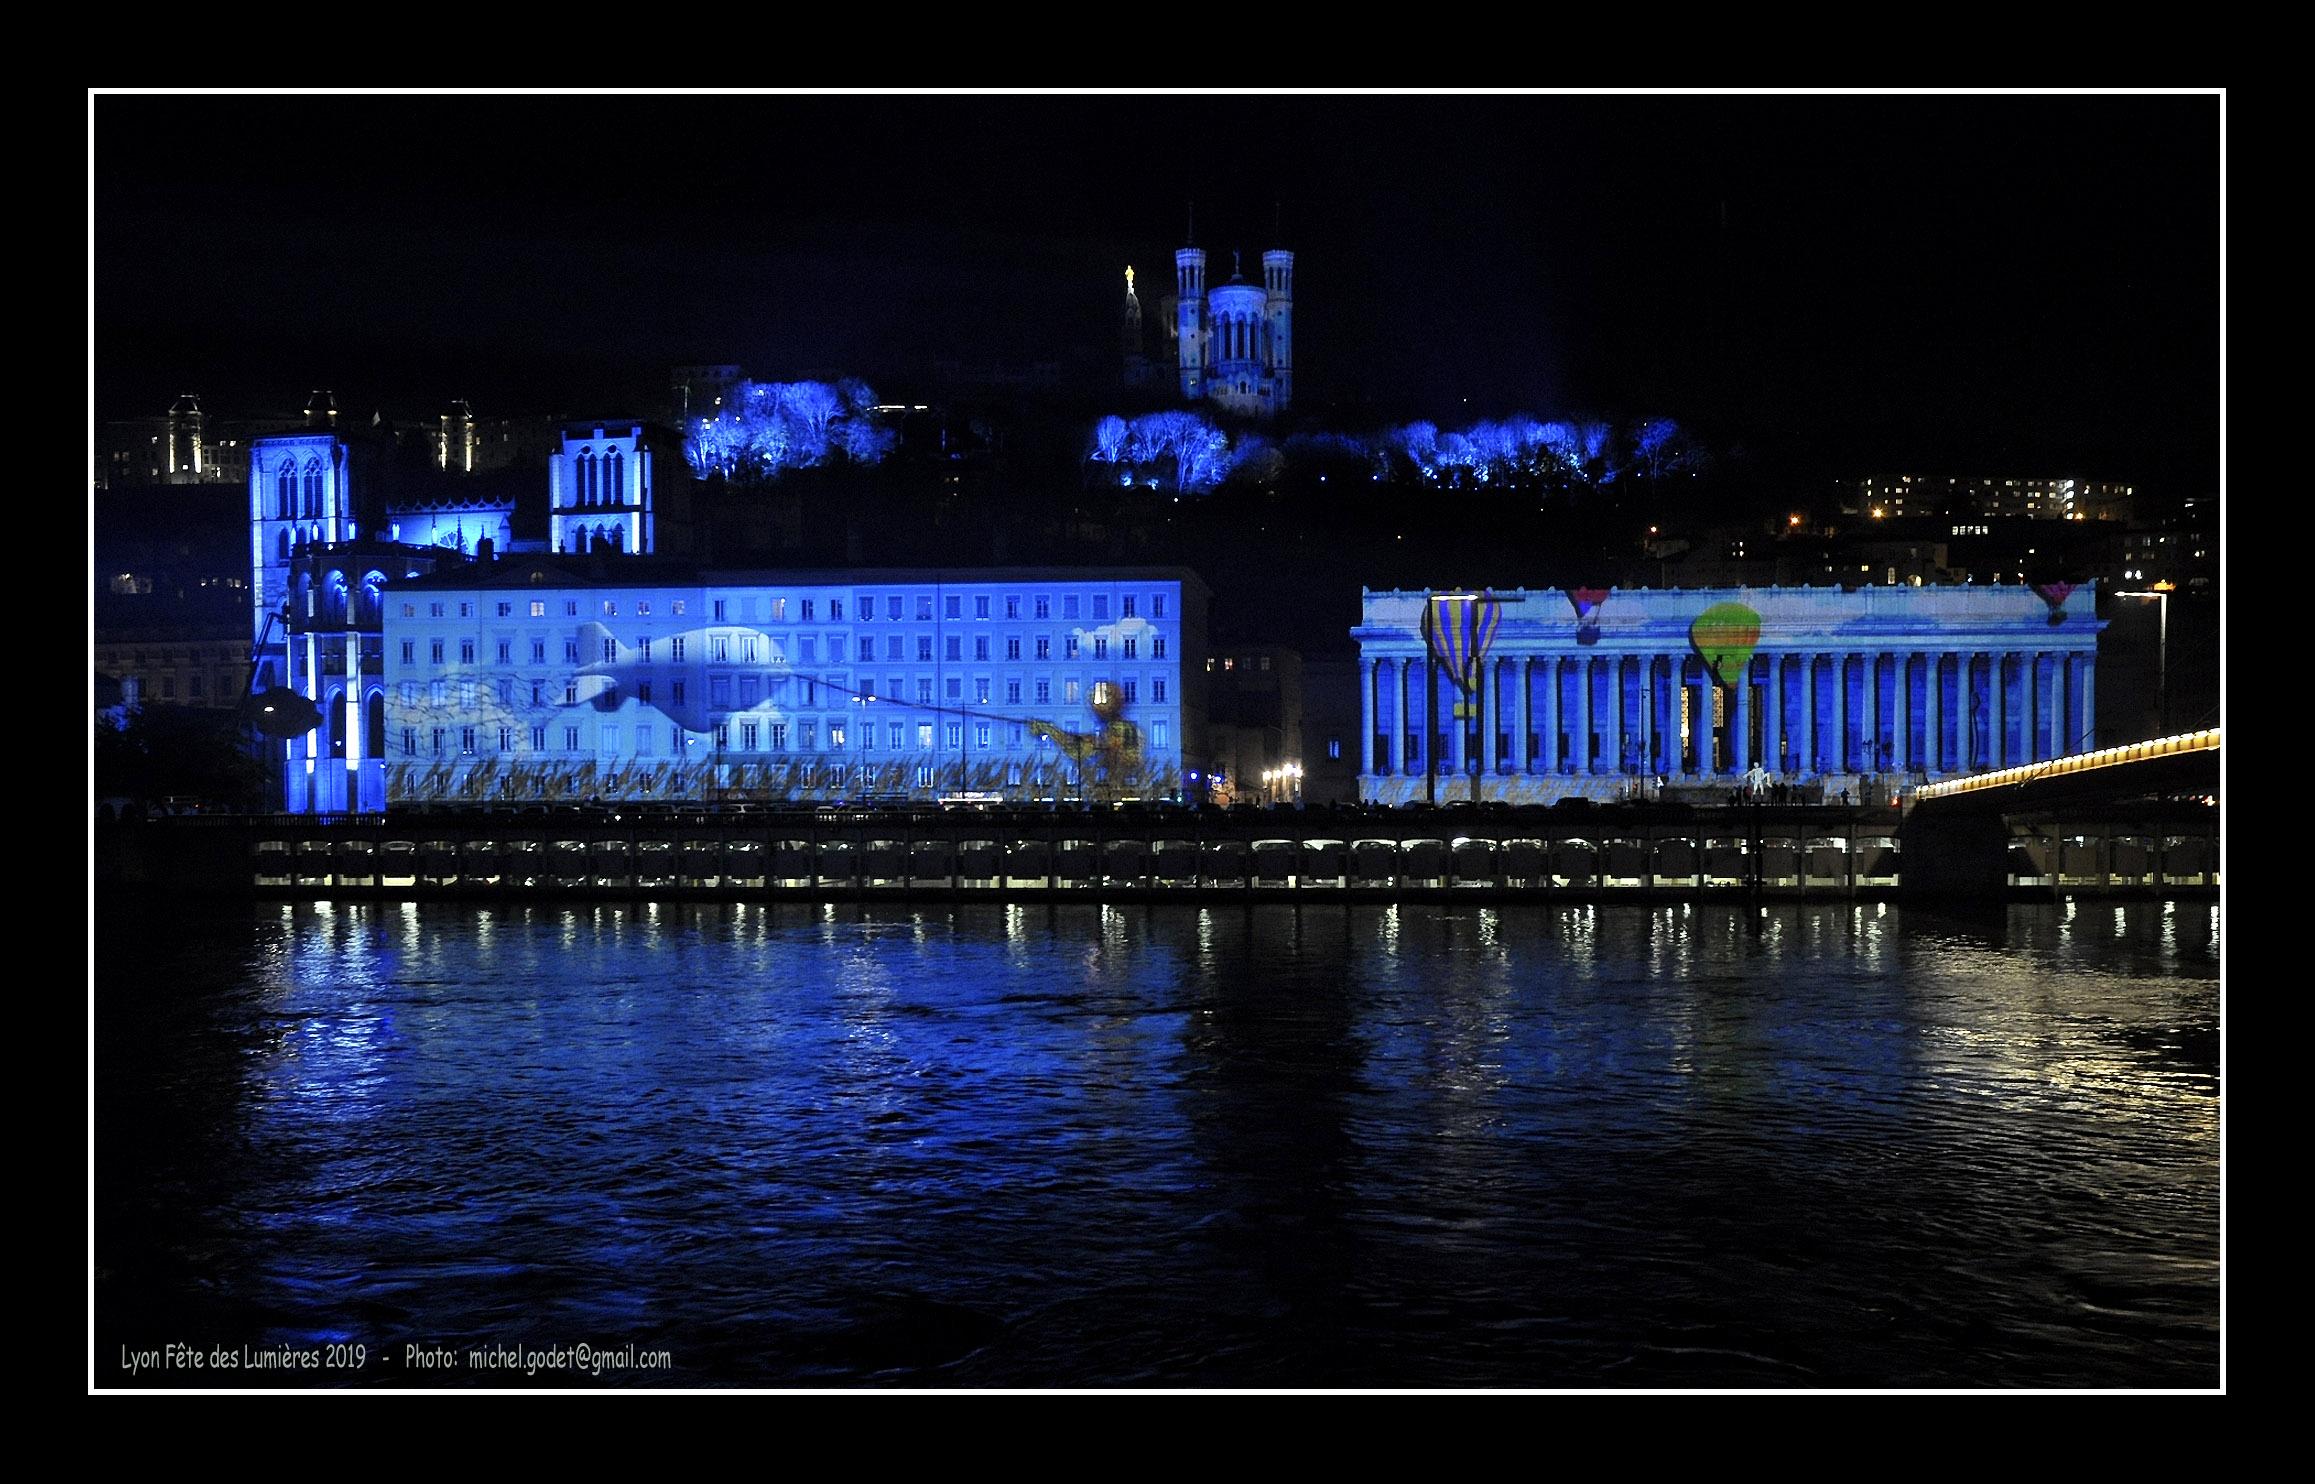 Lyon Fête des Lumières 2019 ©Godet_0327